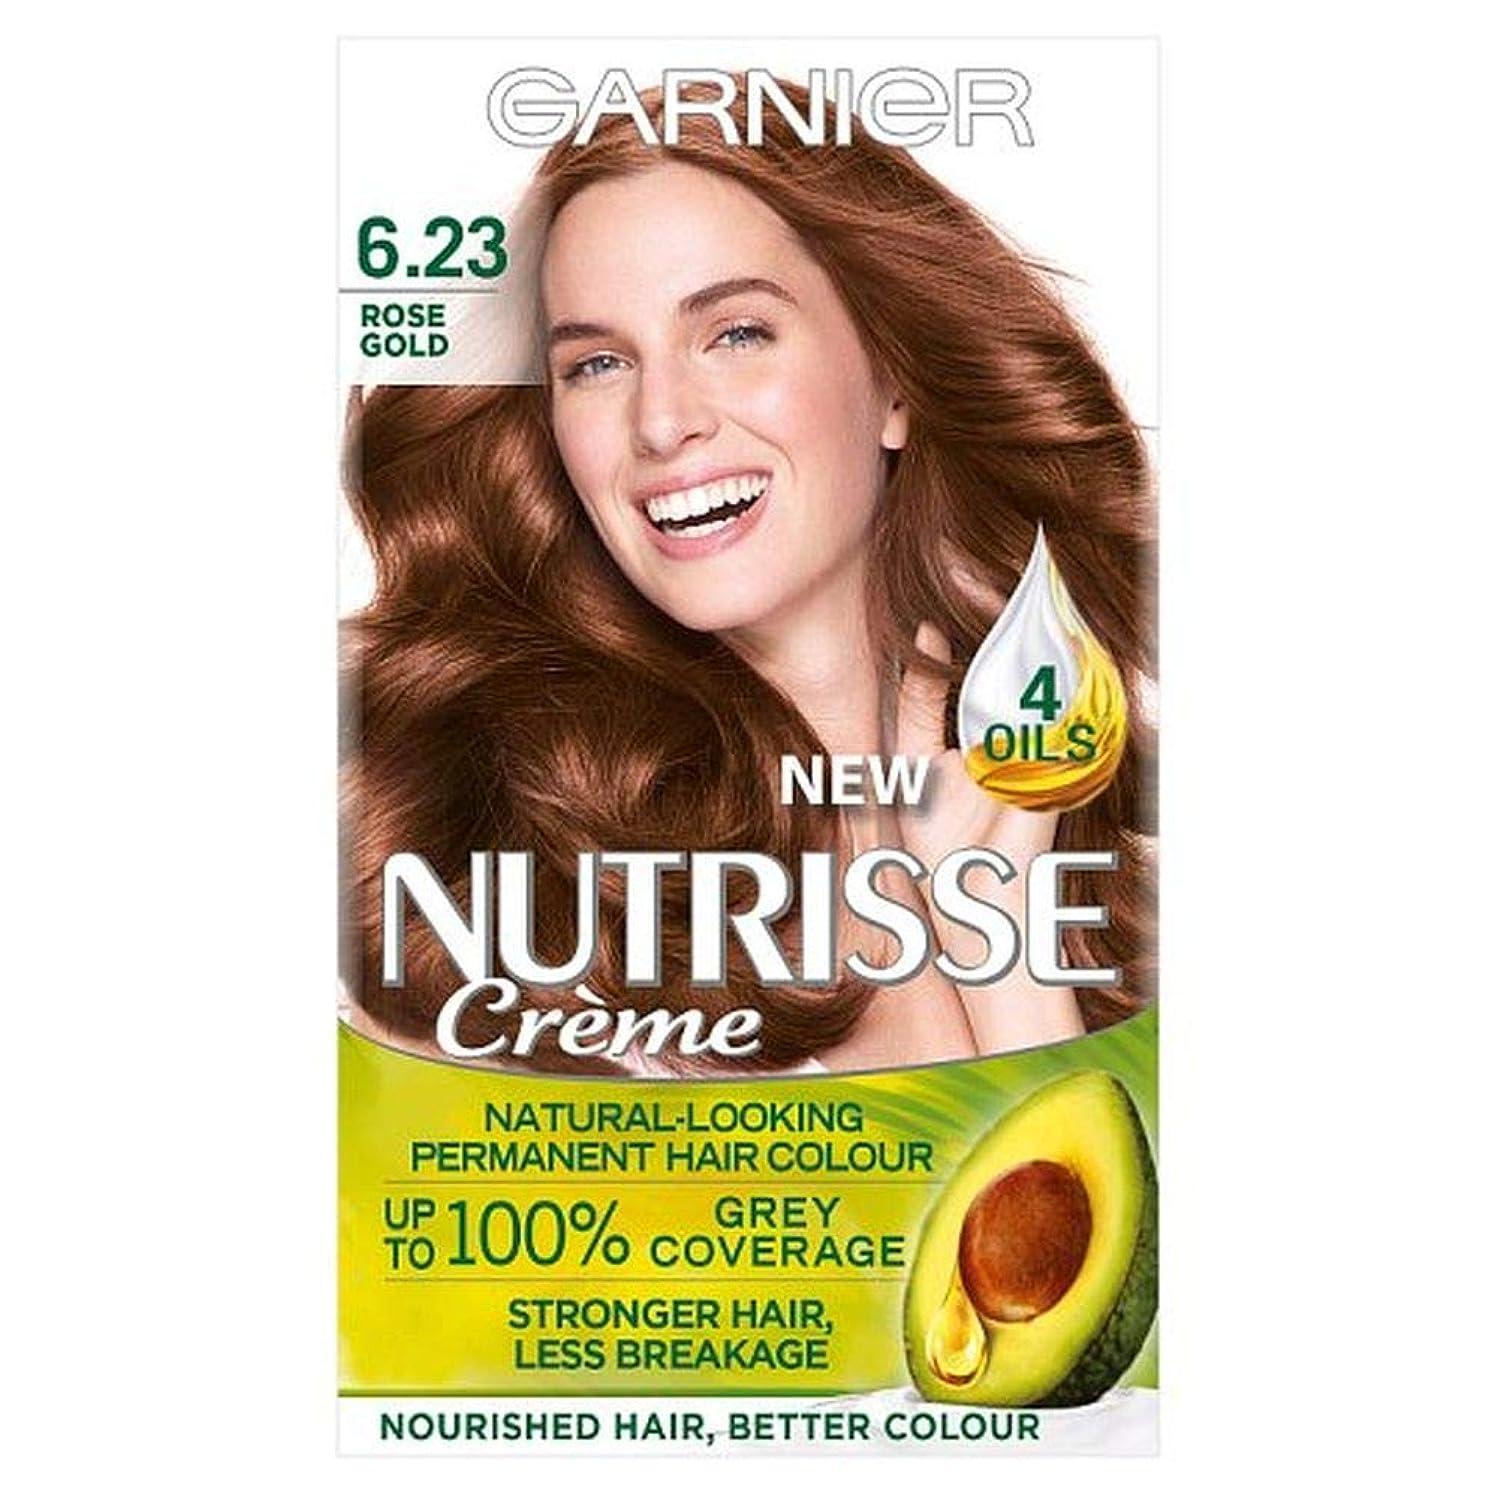 メッシュ降下強要[Garnier ] 6.23 Nutrisseガルニエは金茶色の永久染毛剤をバラ - Garnier Nutrisse 6.23 Rose Gold Brown Permanent Hair Dye [並行輸入品]